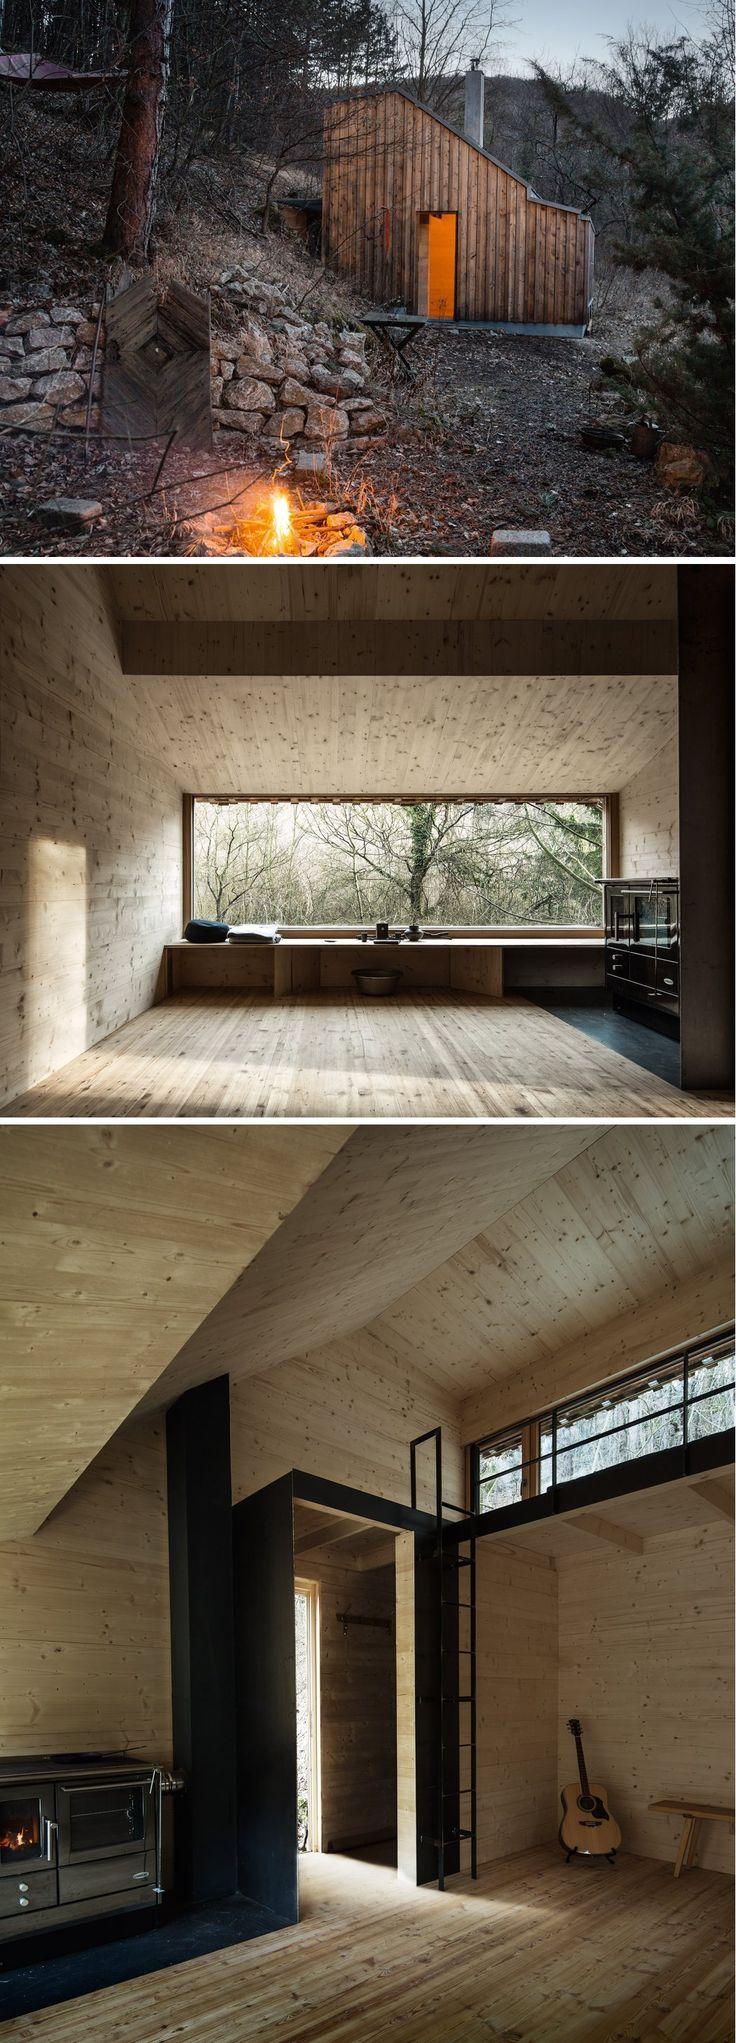 Toms Cabin Hut by Raumhochrosen Studio.